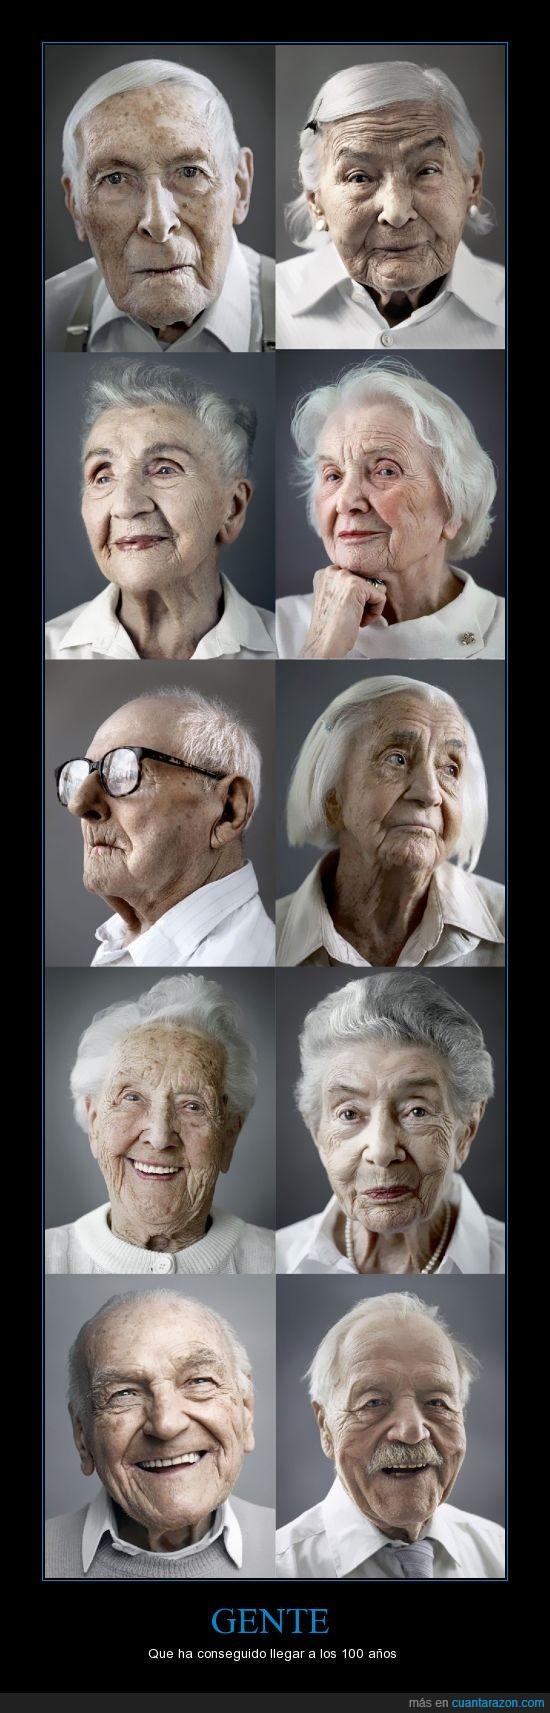 100,ancianos,años,centenarios,cien,gente,ole,viejos,ya quisiéramos más de uno